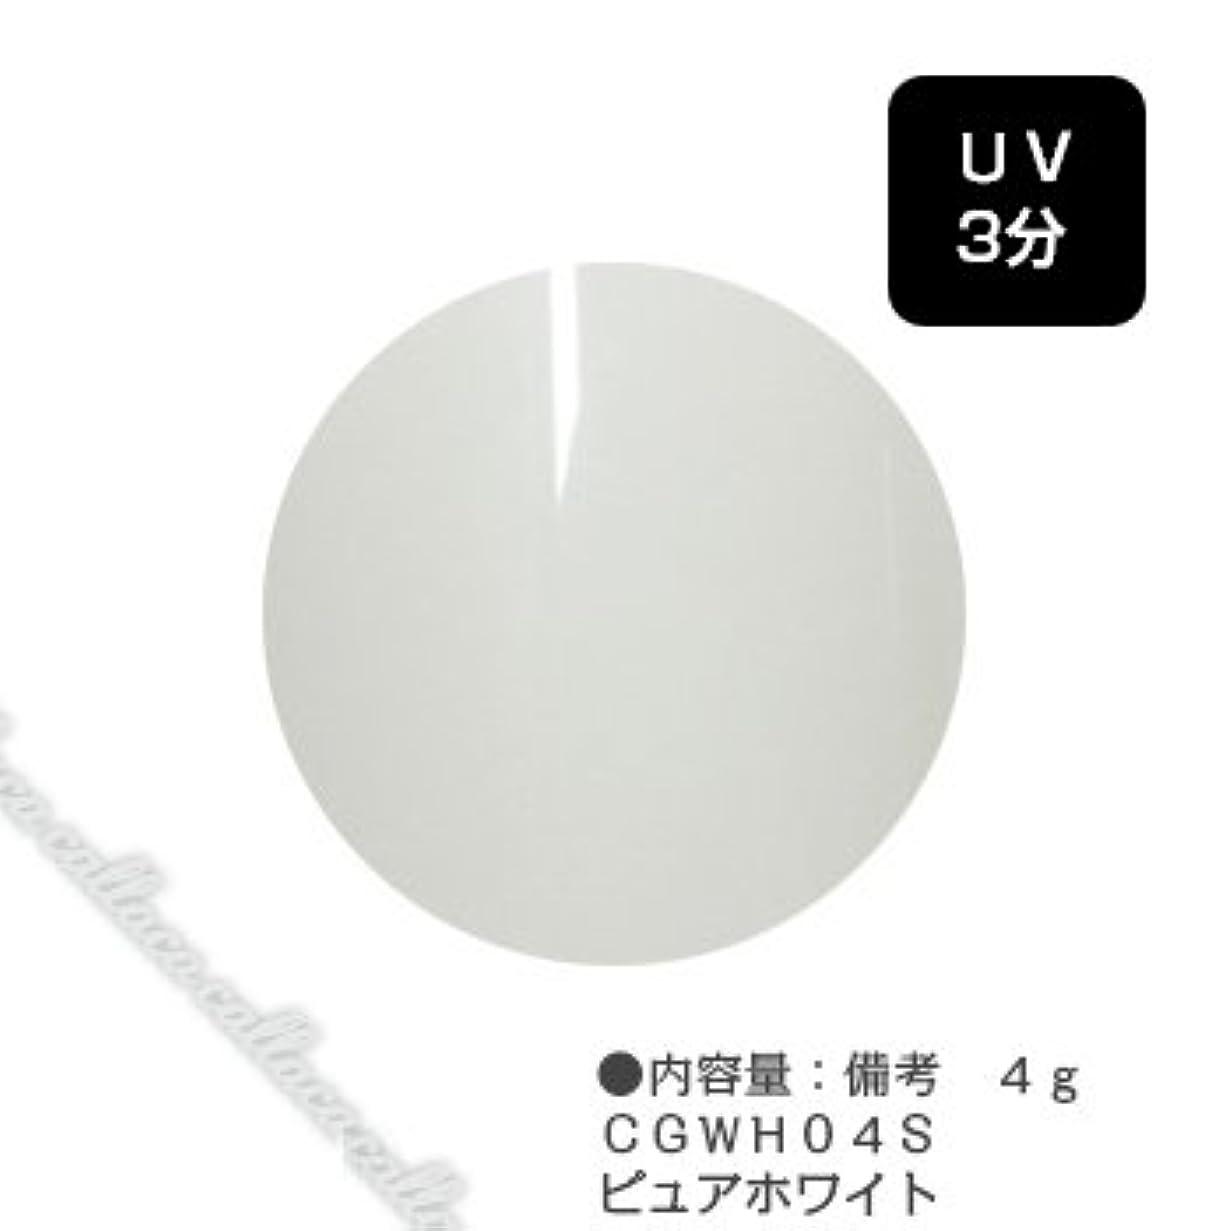 カジュアル匹敵します誠意カルジェル(Calgel) カラージェル 4g  CGWH04S ピュアホワイト